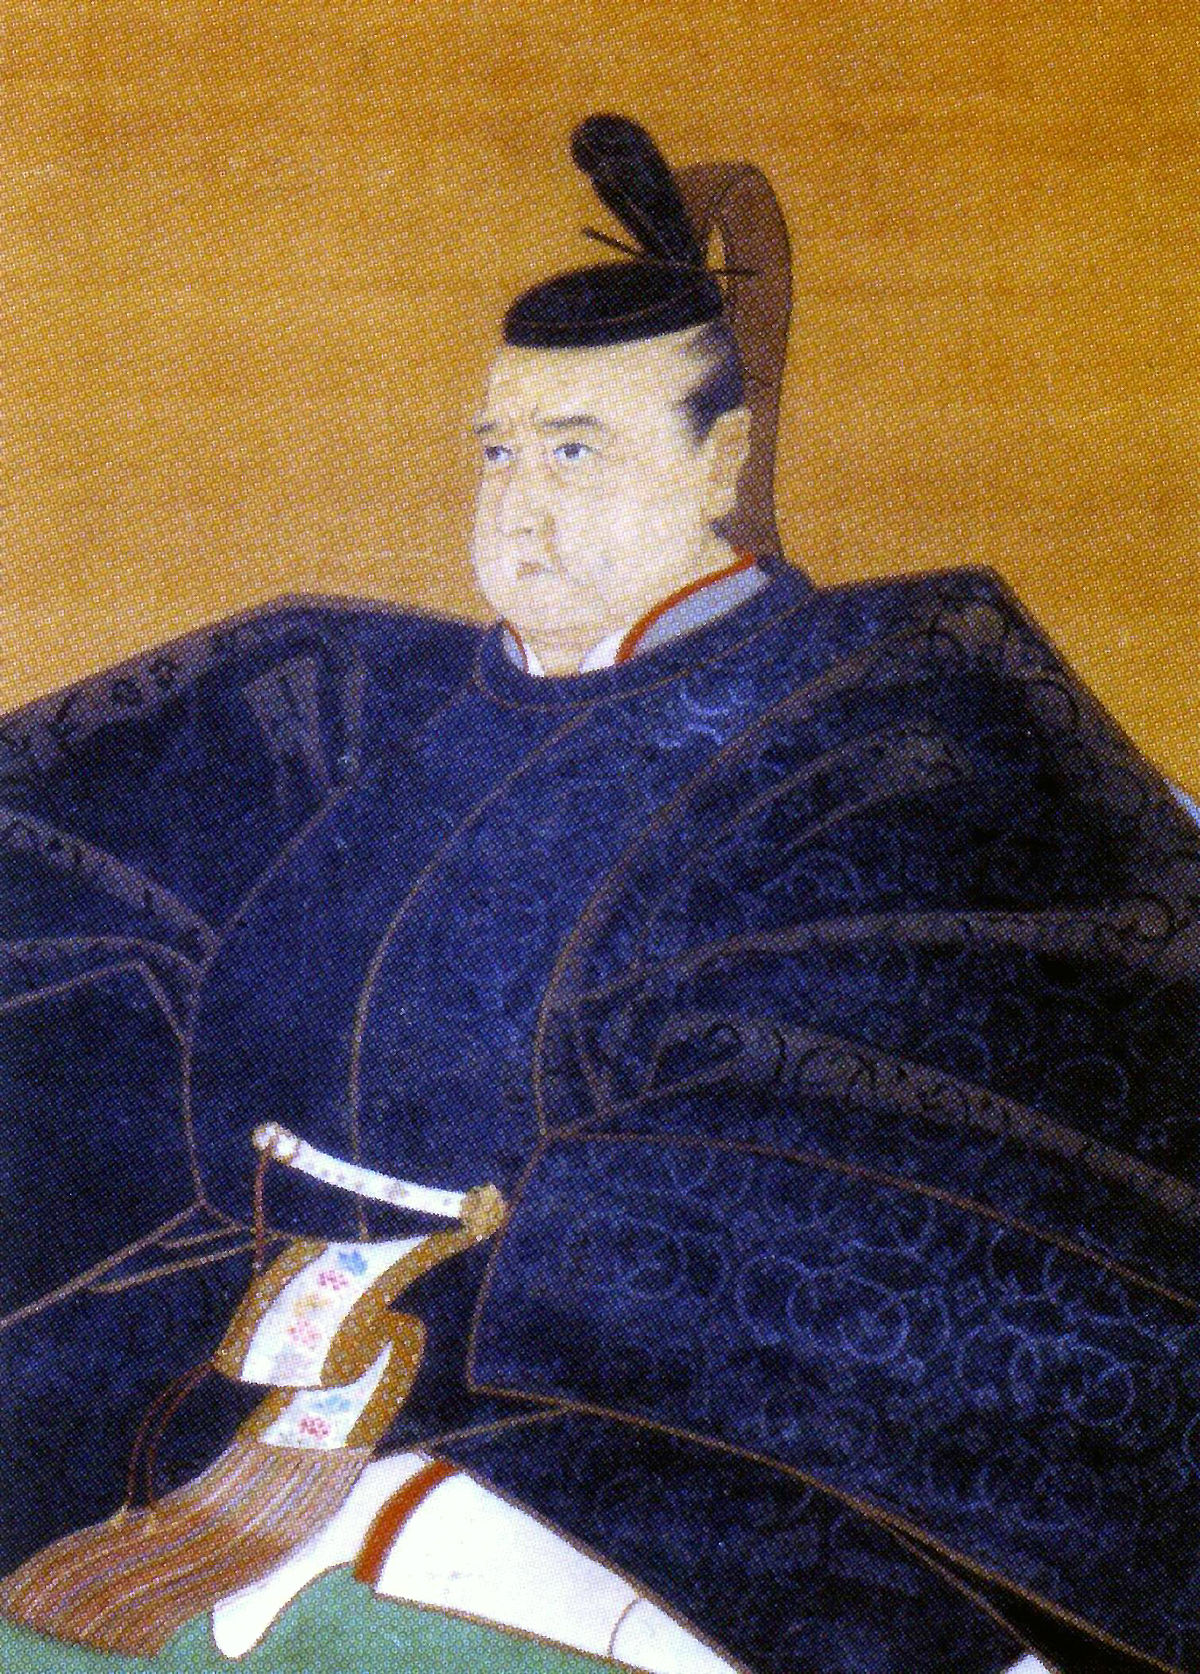 池田綱清 - Wikipedia